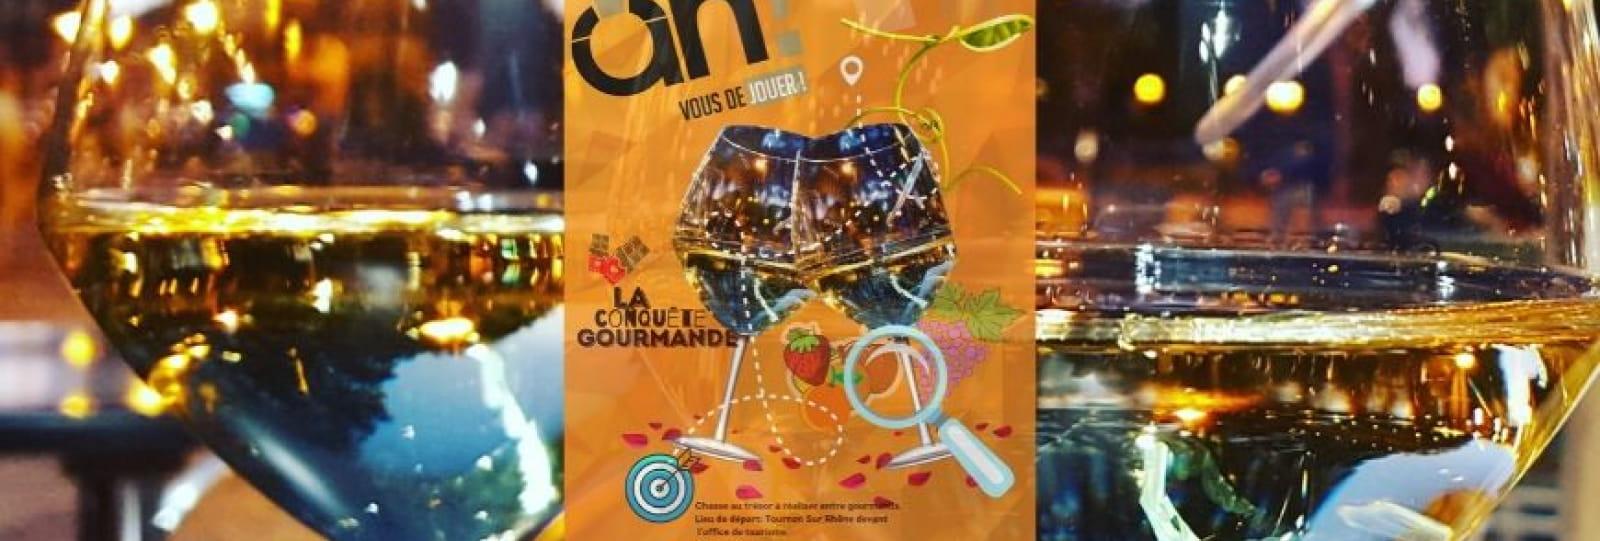 Chasse au trésor 'La conquête gourmande'_Tournon Tain_Ardèche Hermitage Tourisme